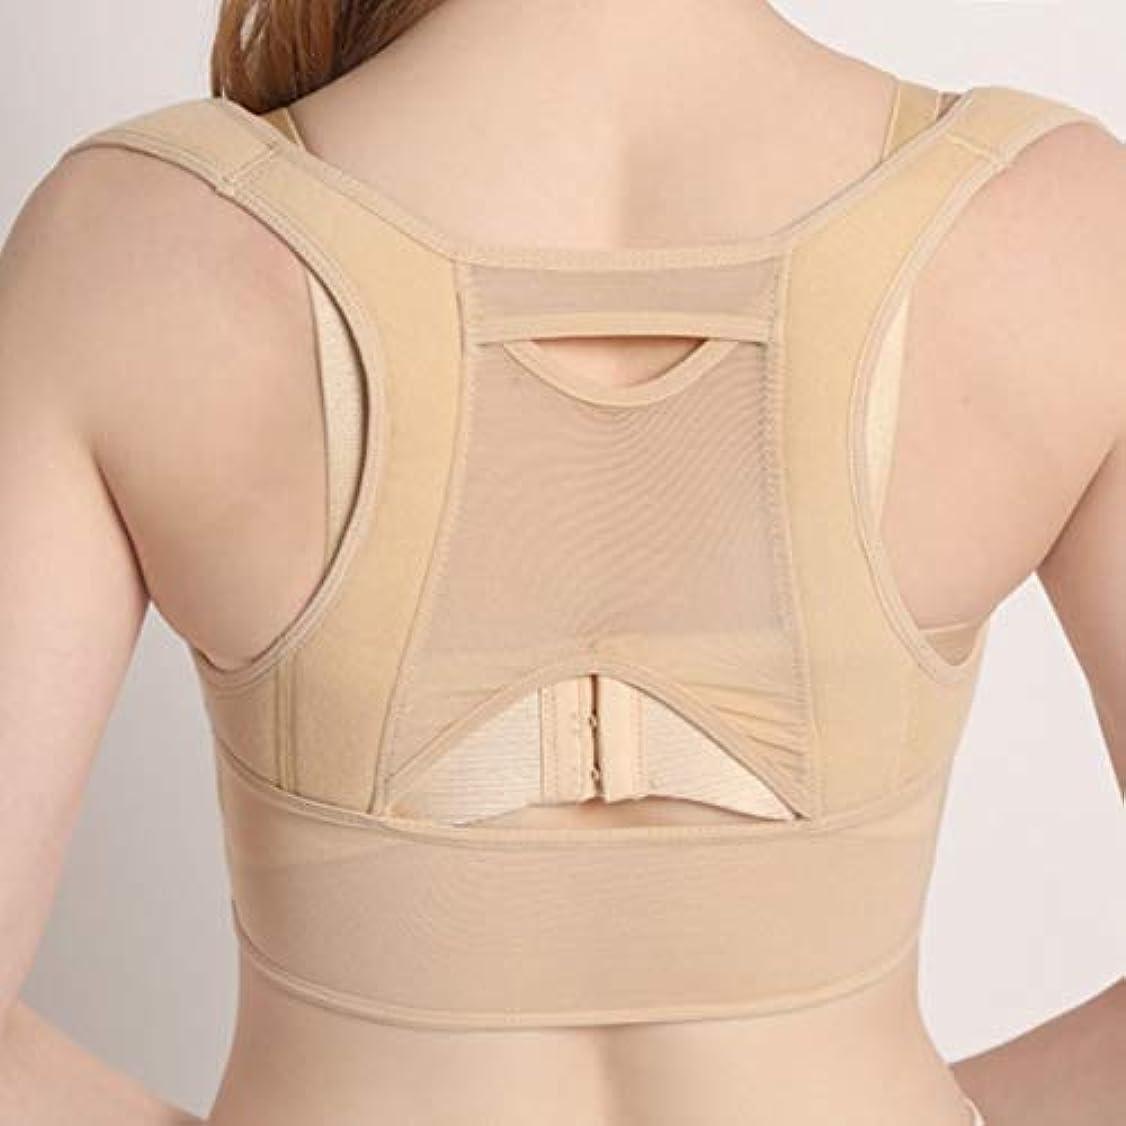 医療過誤通信するスポーツインターコアリーボディーコレクション 女性背部姿勢矯正コルセット整形外科肩こり脊椎姿勢矯正腰椎サポート